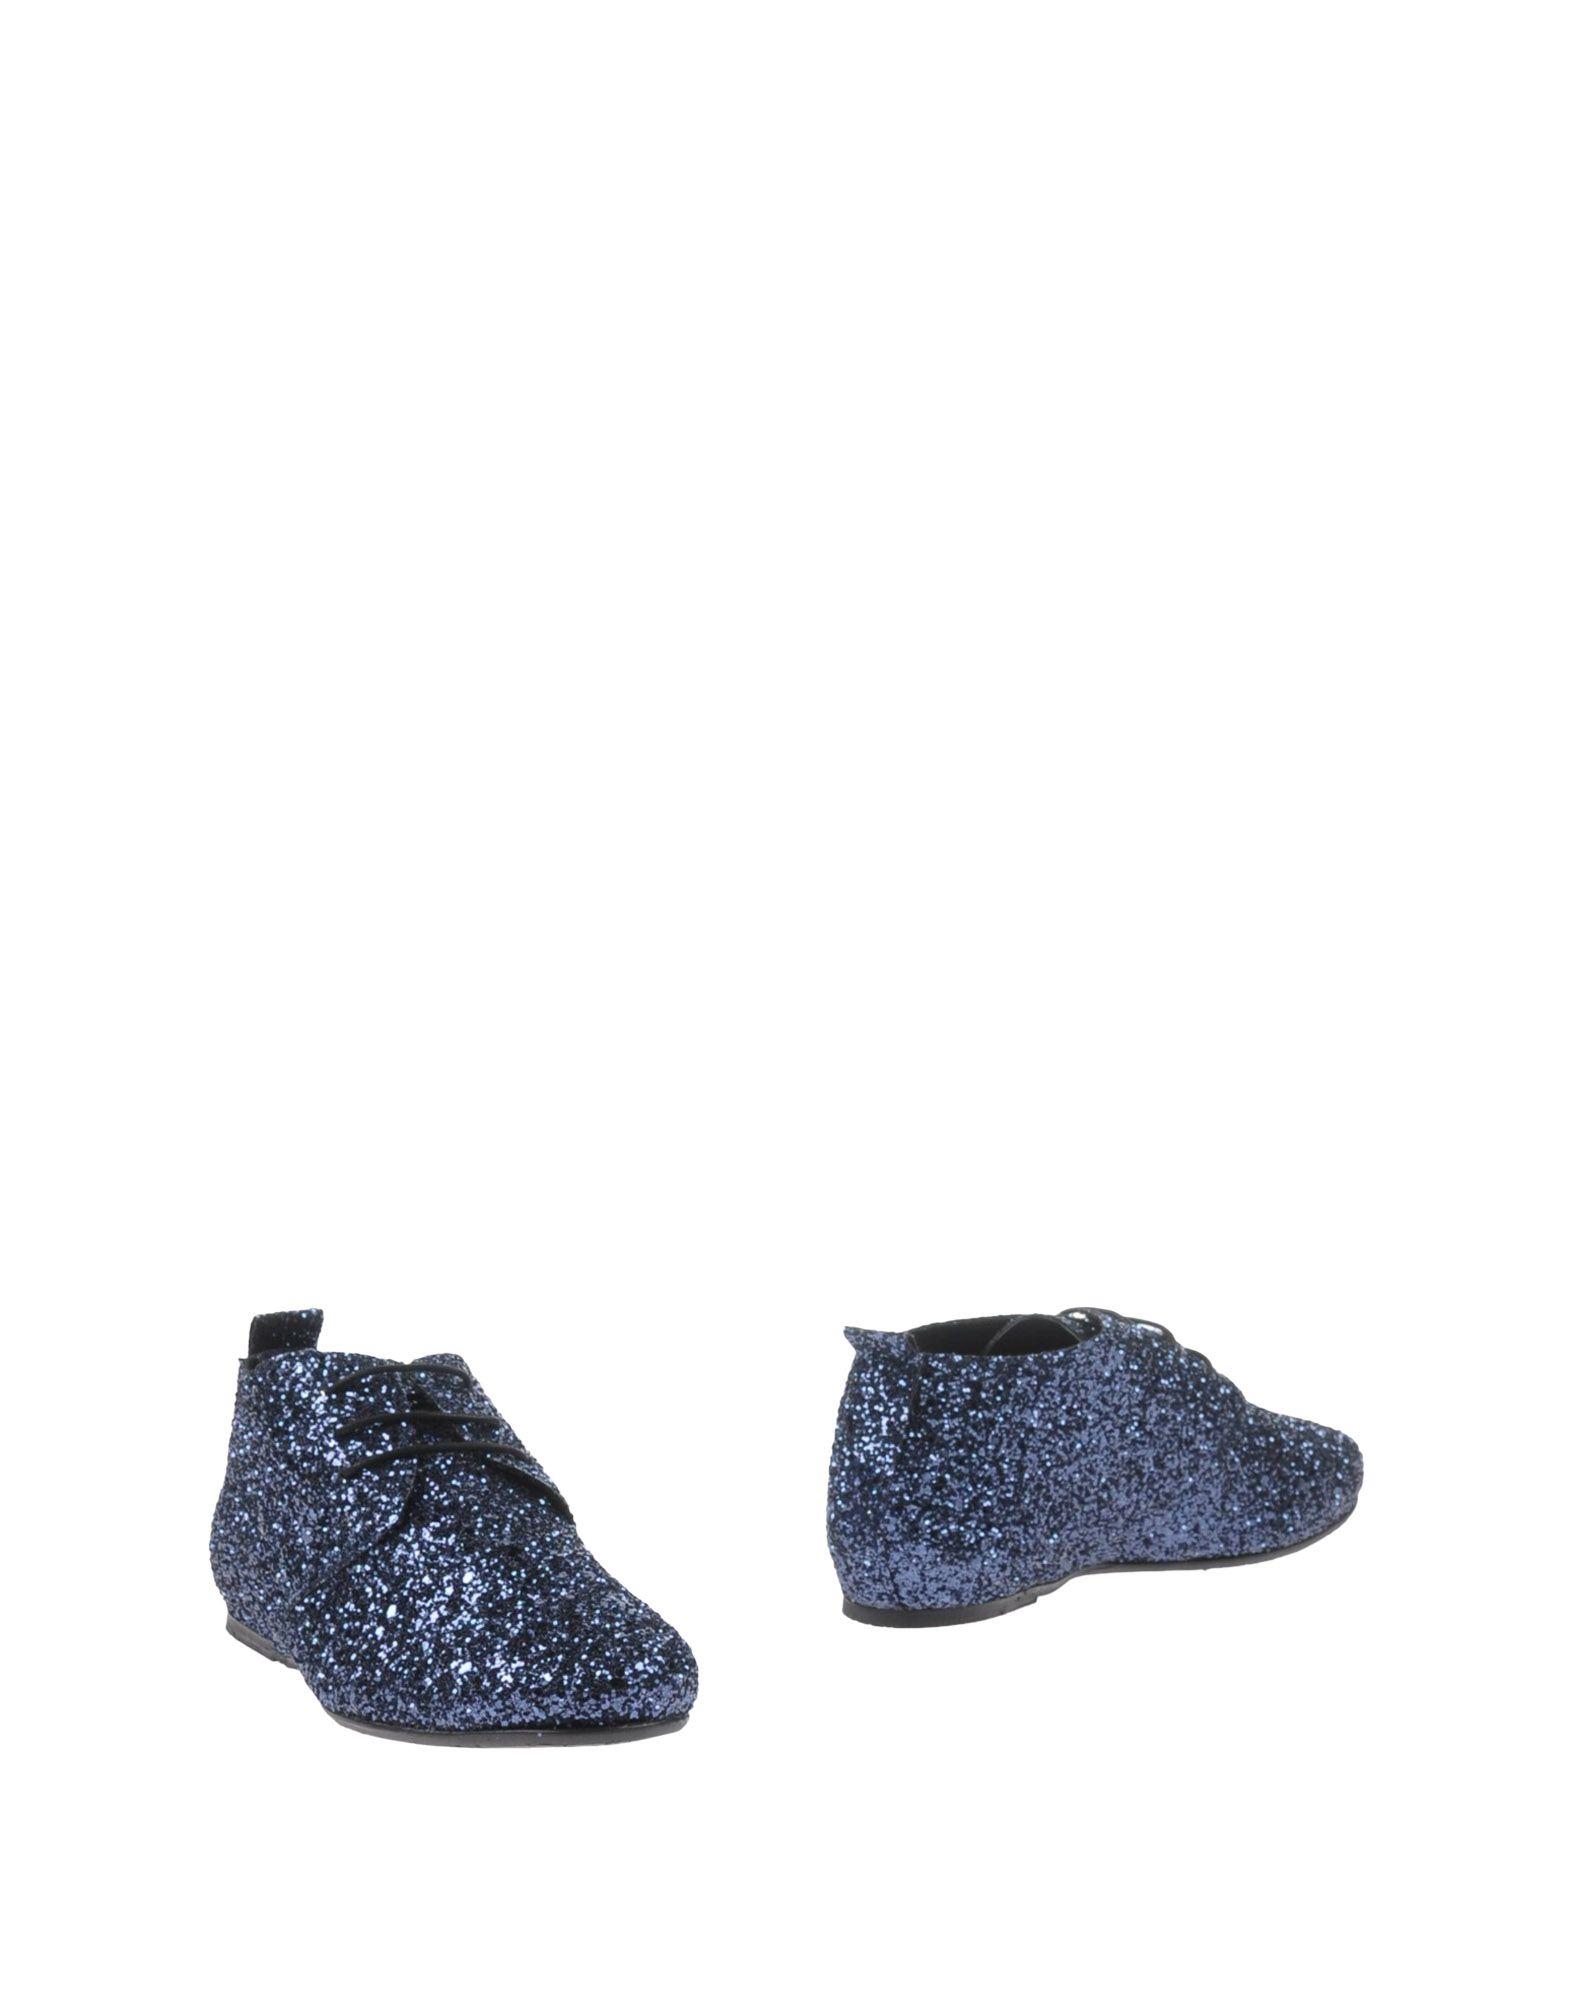 NOEE Полусапоги и высокие ботинки цены онлайн